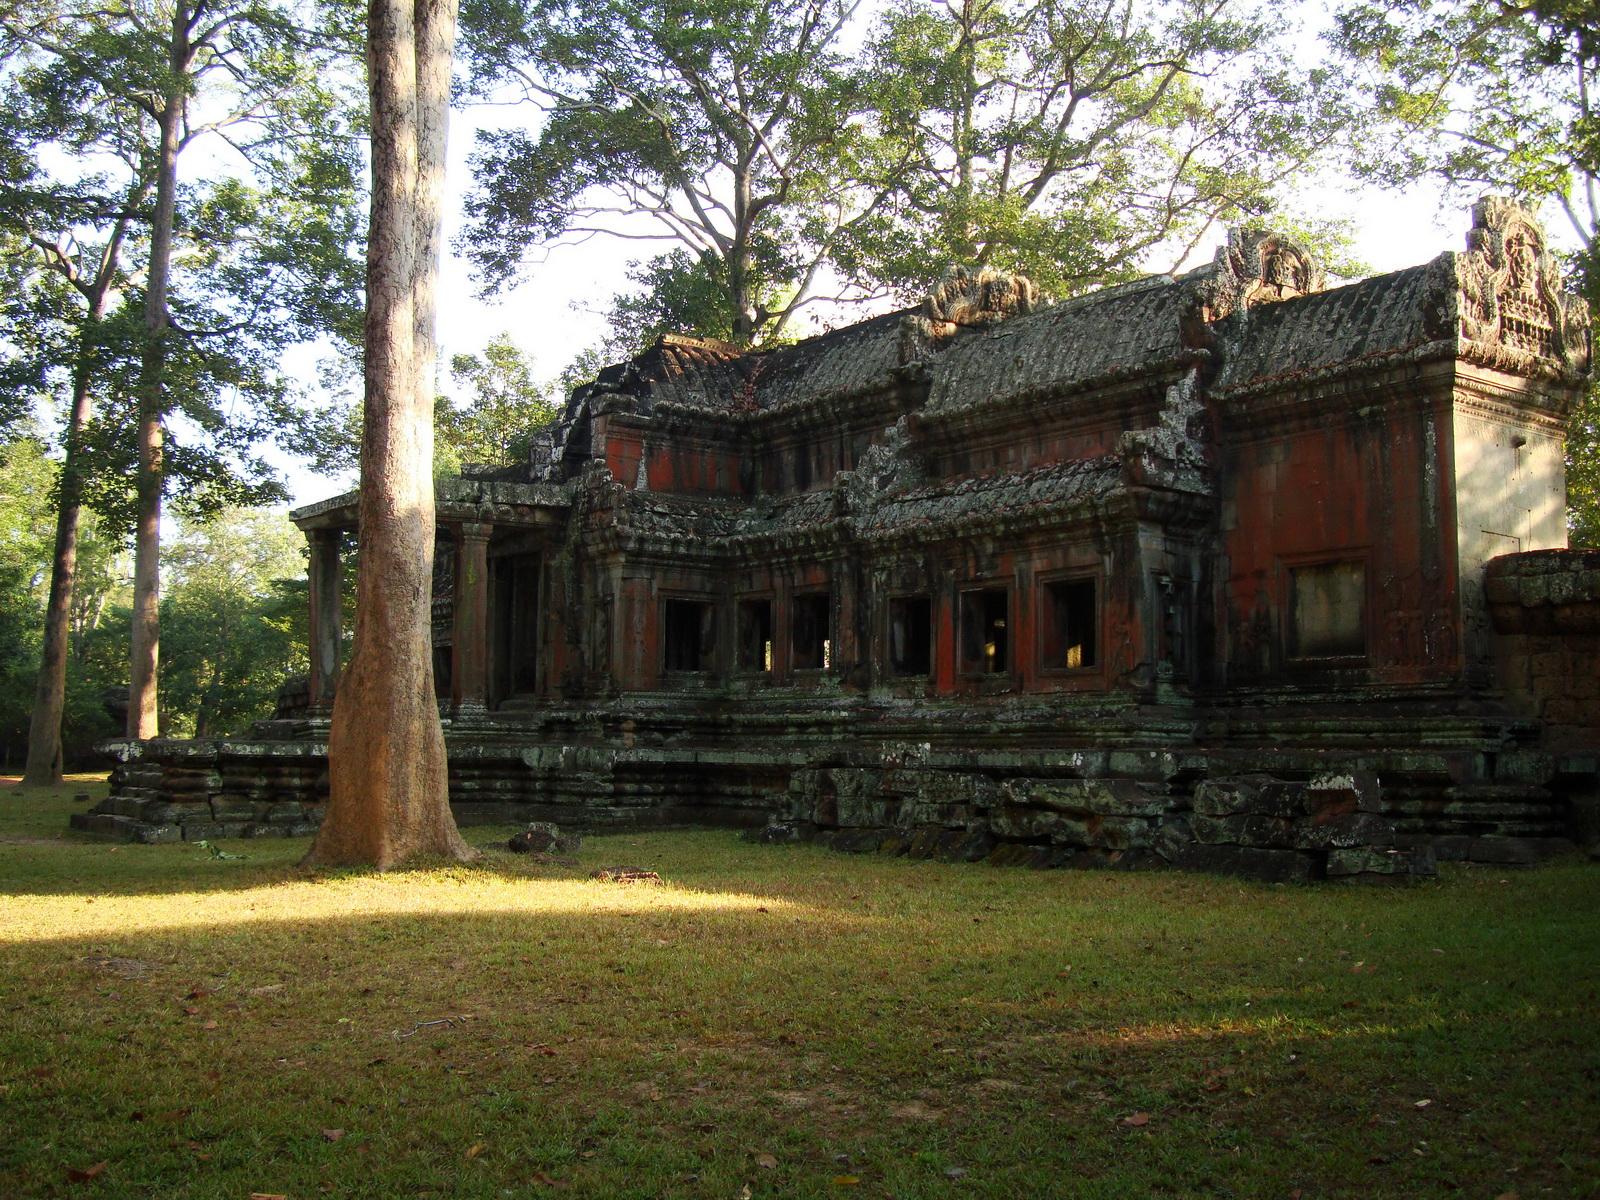 Angkor Wat approaches outer eastern Gopura Angkor Siem Reap 11